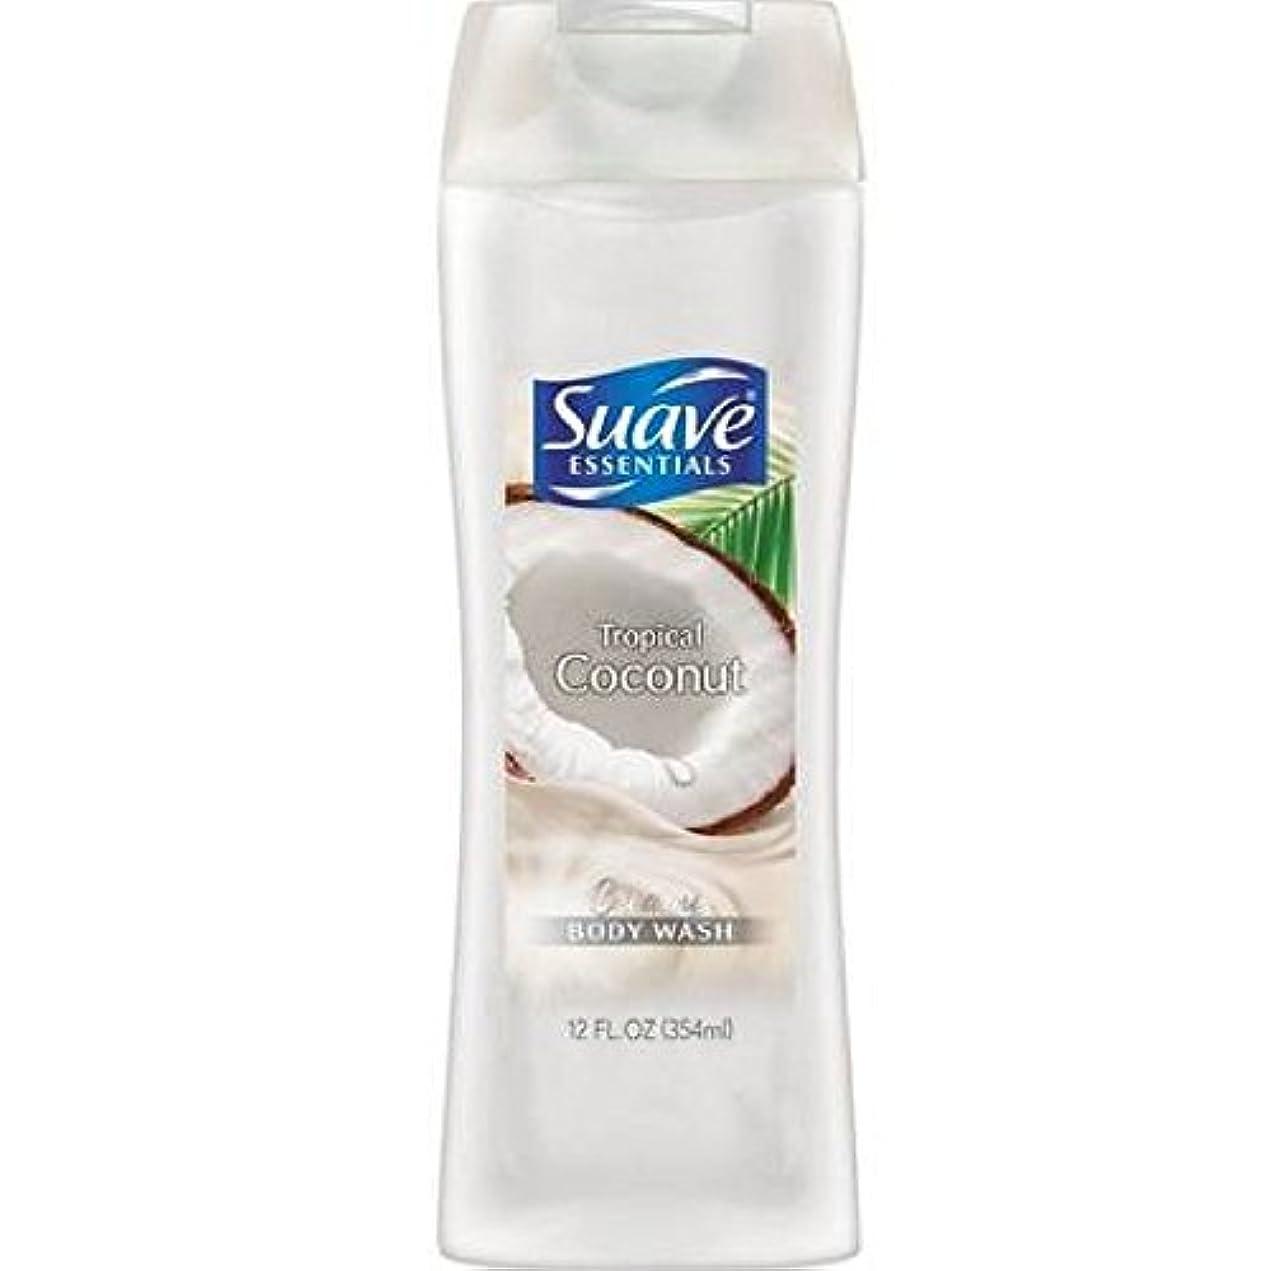 そこ待って受け入れたSuave Naturals Body Wash - Tropical Coconut - 12 oz - 2 pk by Suave [並行輸入品]